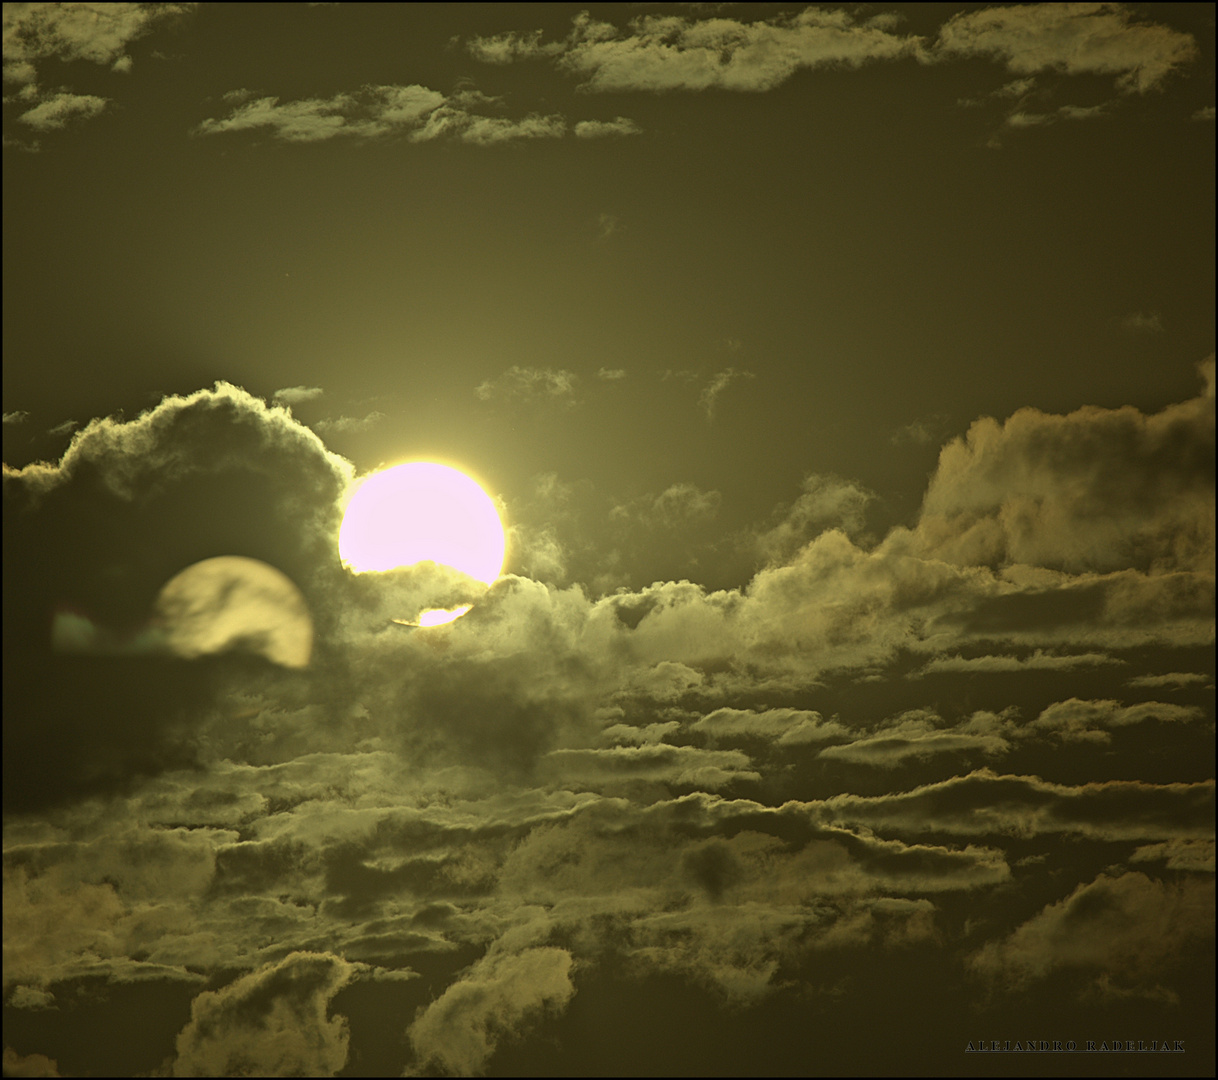 Entre tu Sol y mi sol